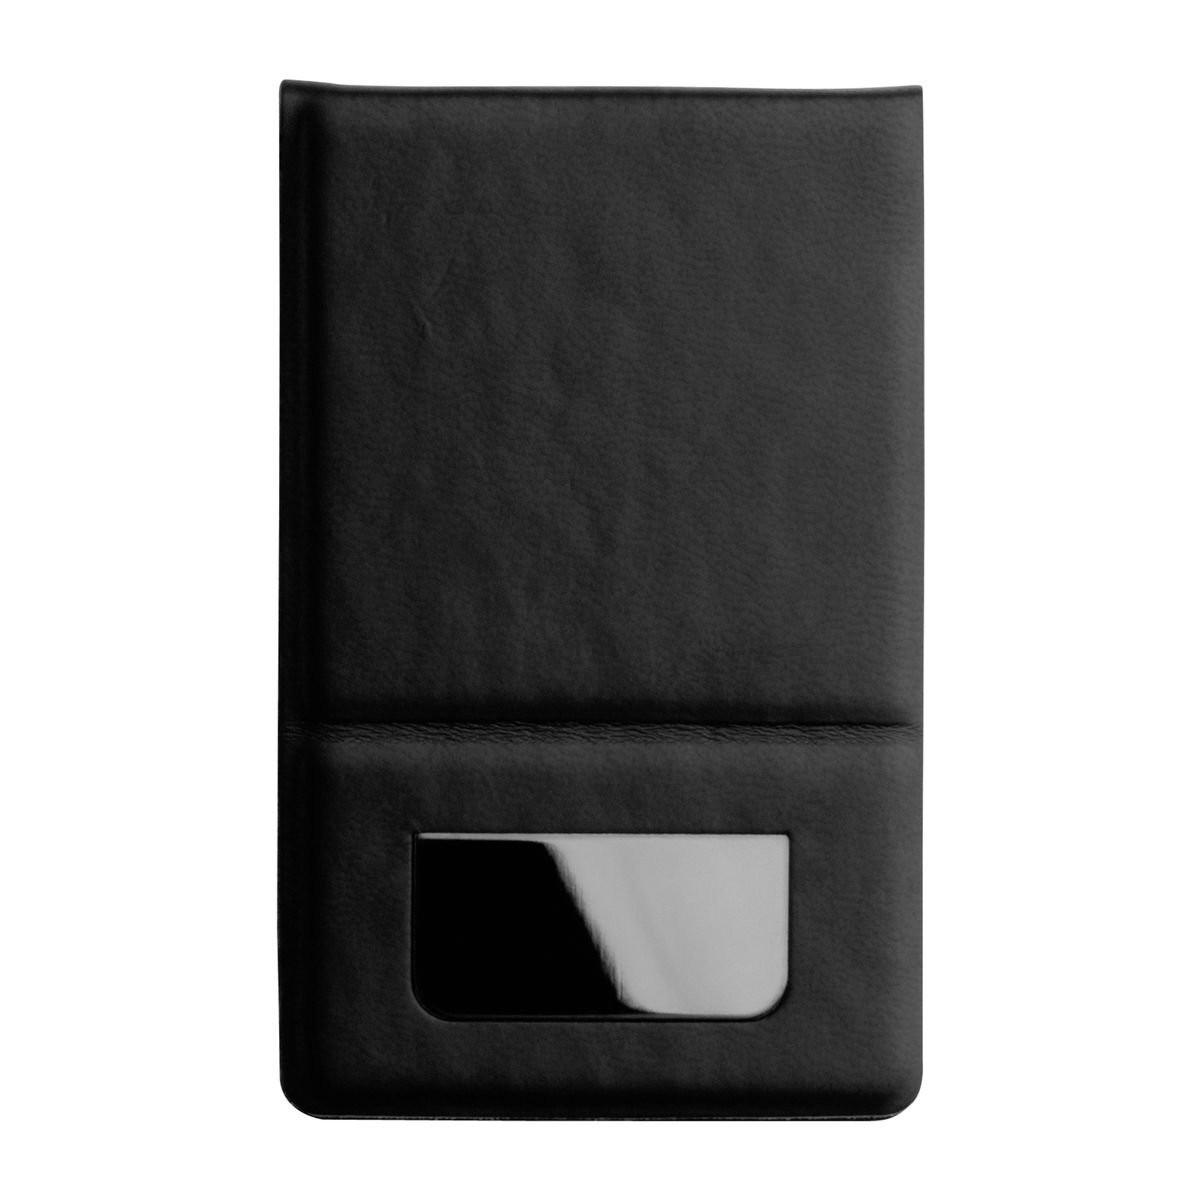 Taschenspiegel REFLECTS-HARBEL BLACK, Ansicht 5